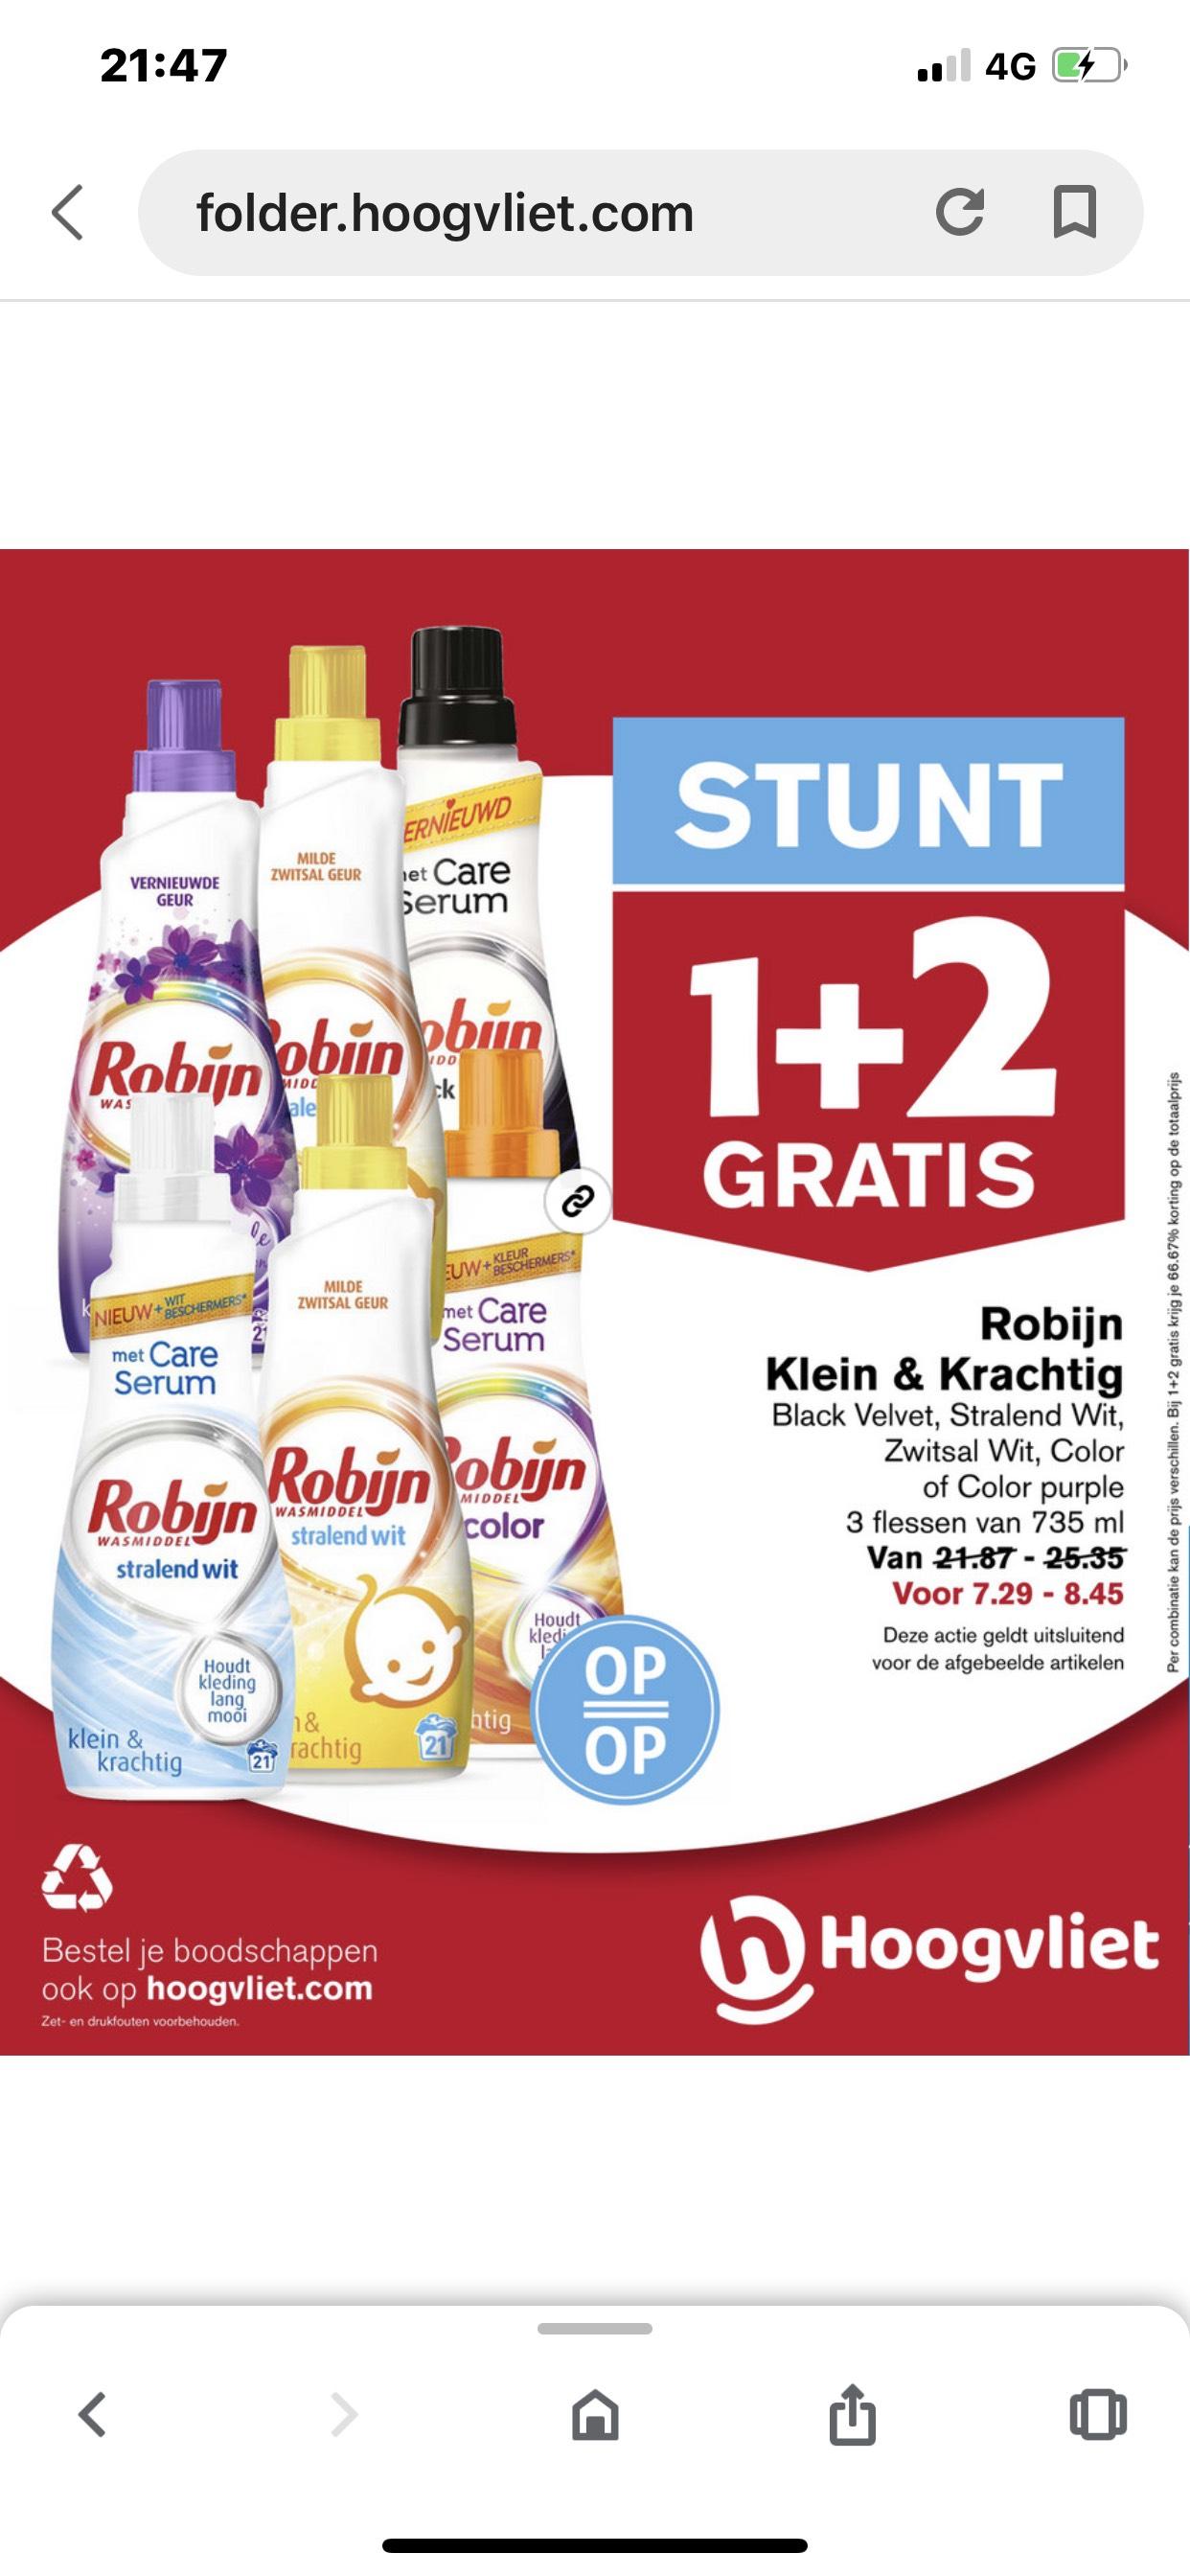 Hoogvliet Robijn 1+2 gratis